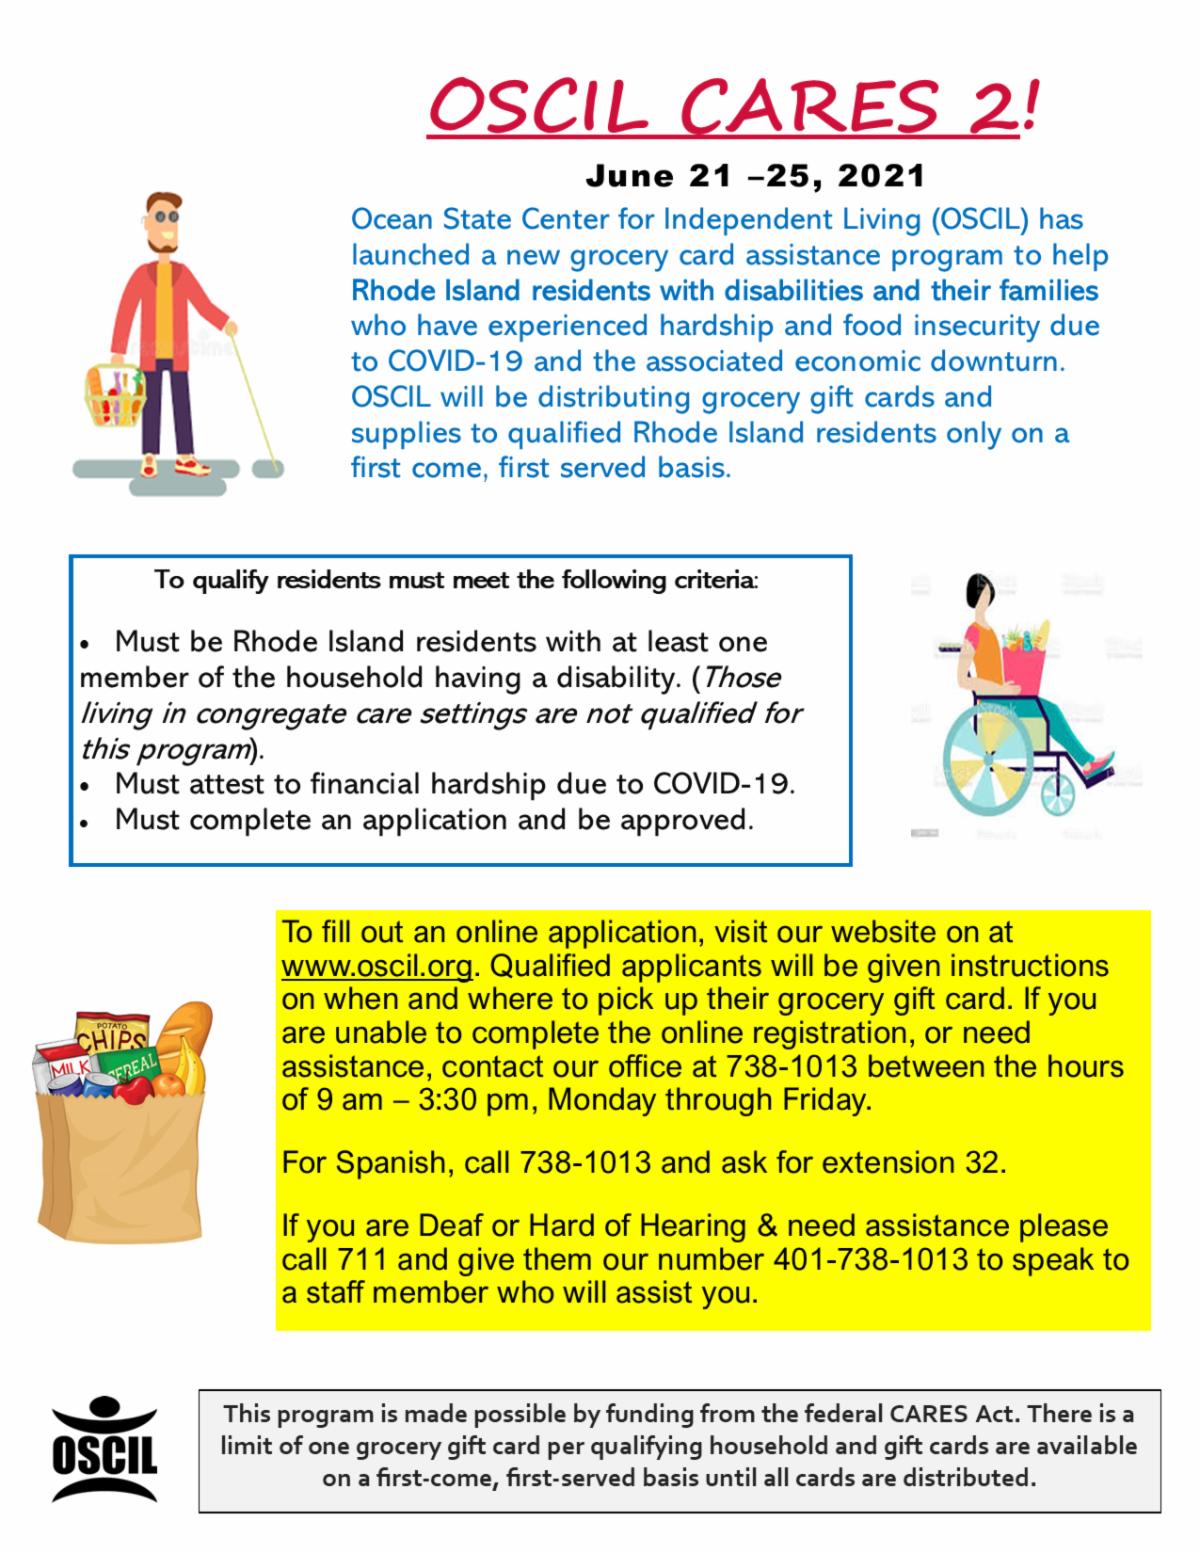 OSCIL_Cares2_Flyer4.png